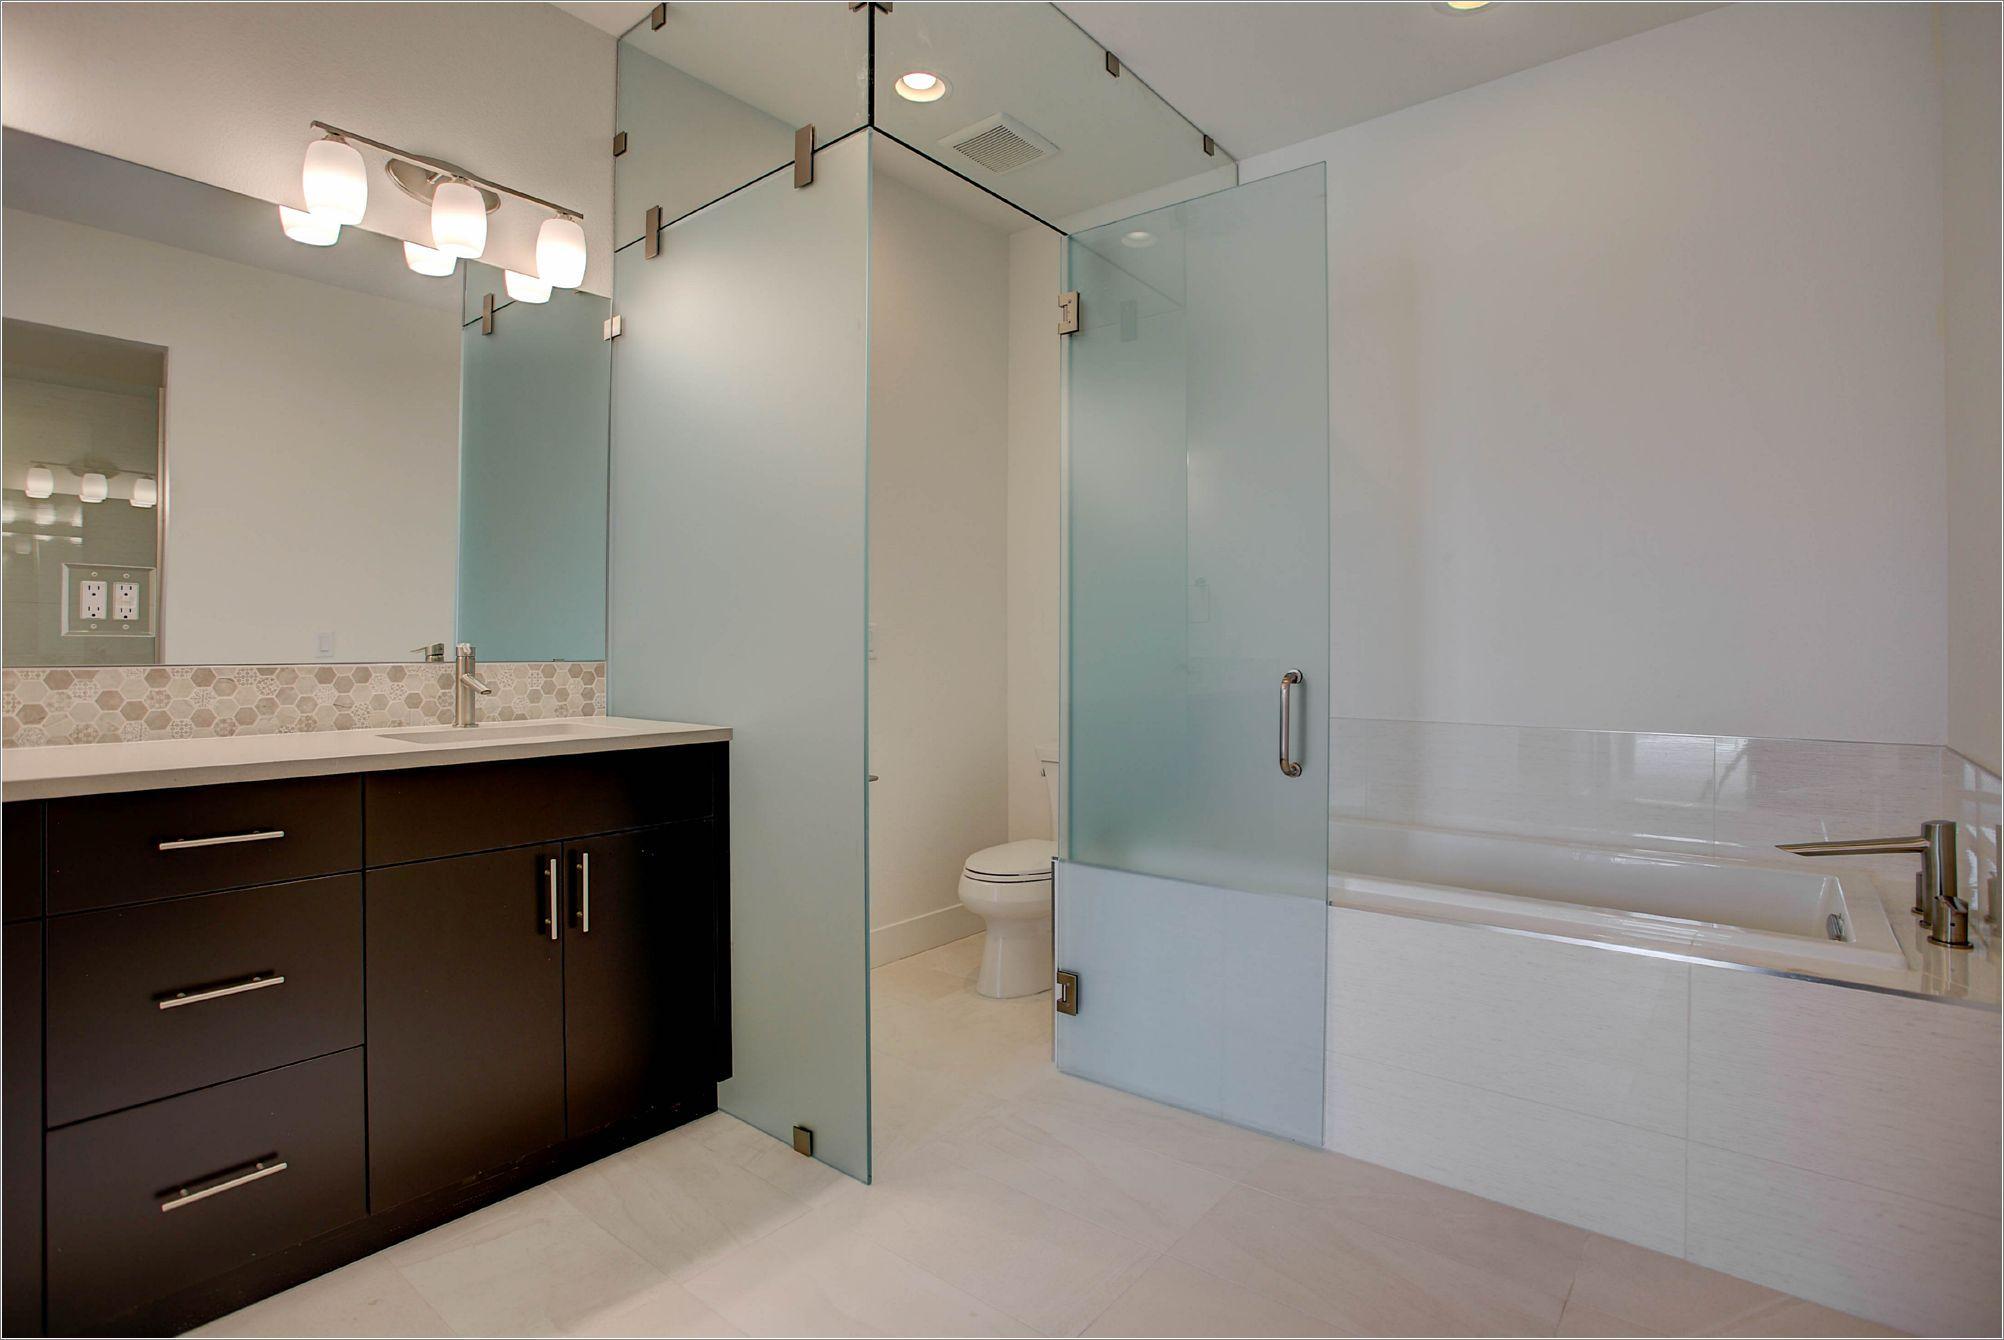 Bathroom featured in the Matador Series - Interior Unit By Koelbel Urban Homes in Denver, CO